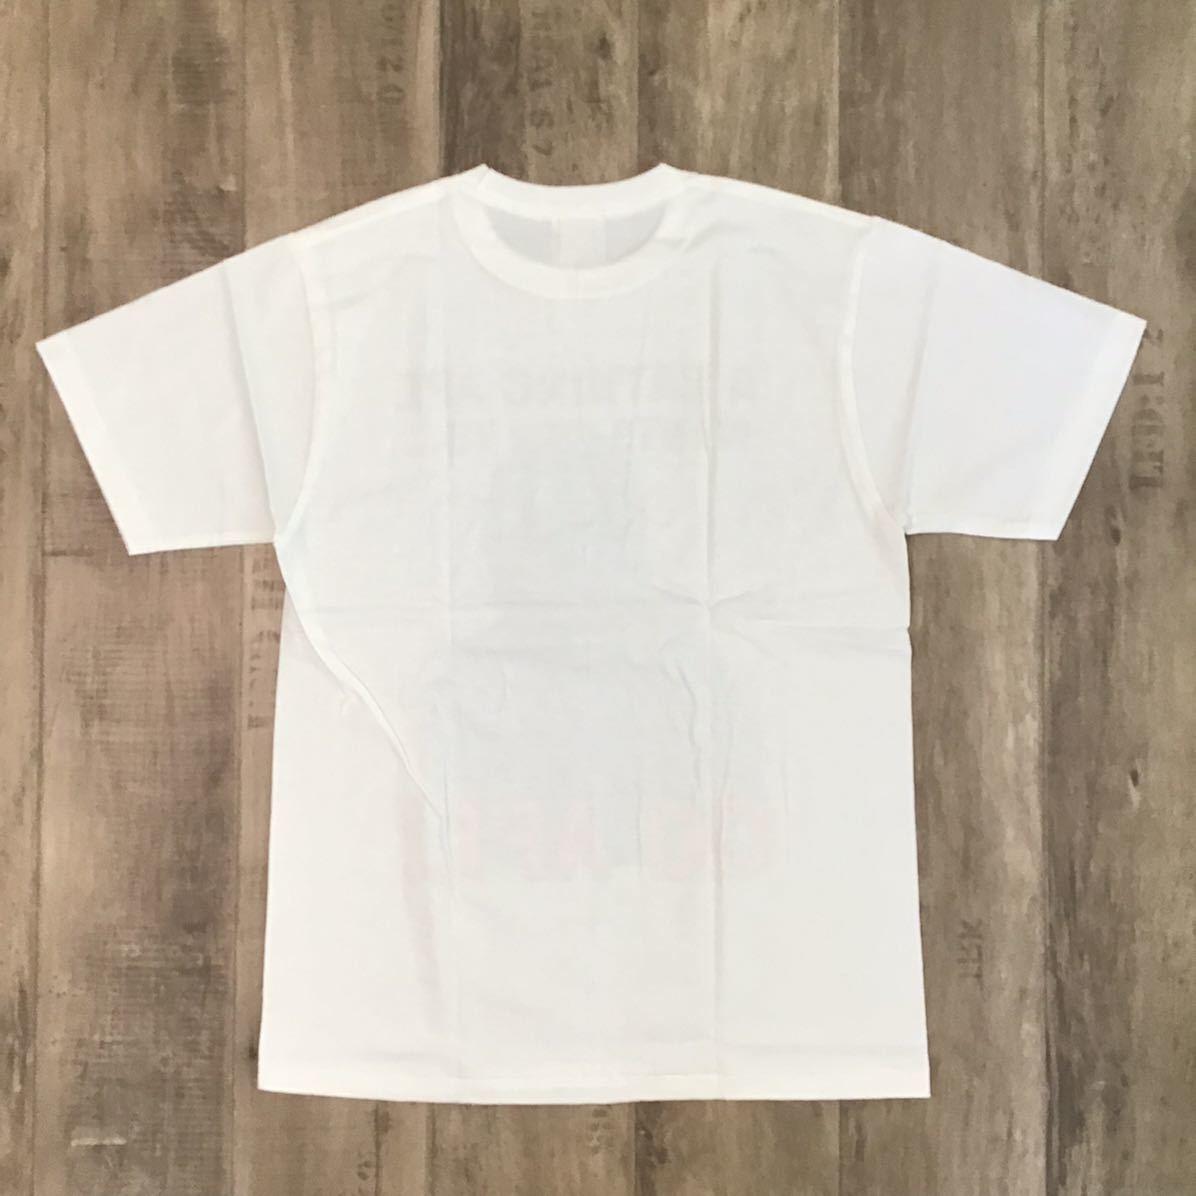 ★新品★ 復刻 猿の惑星 GO APE Tシャツ Mサイズ a bathing ape bape エイプ ベイプ アベイシングエイプ 31m3